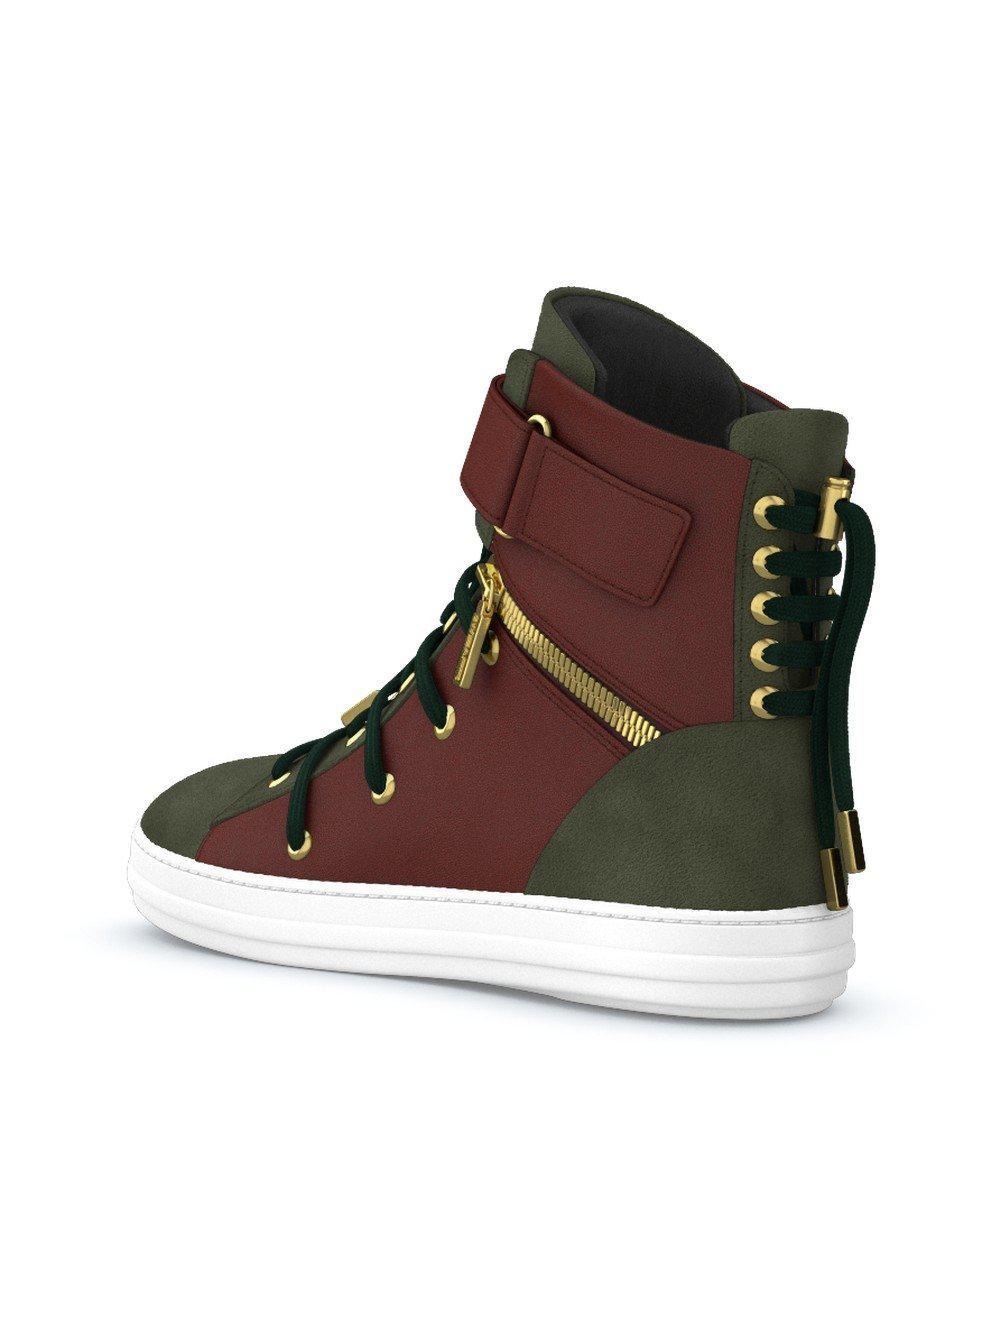 Swear Suede Regent Sneakers in Green